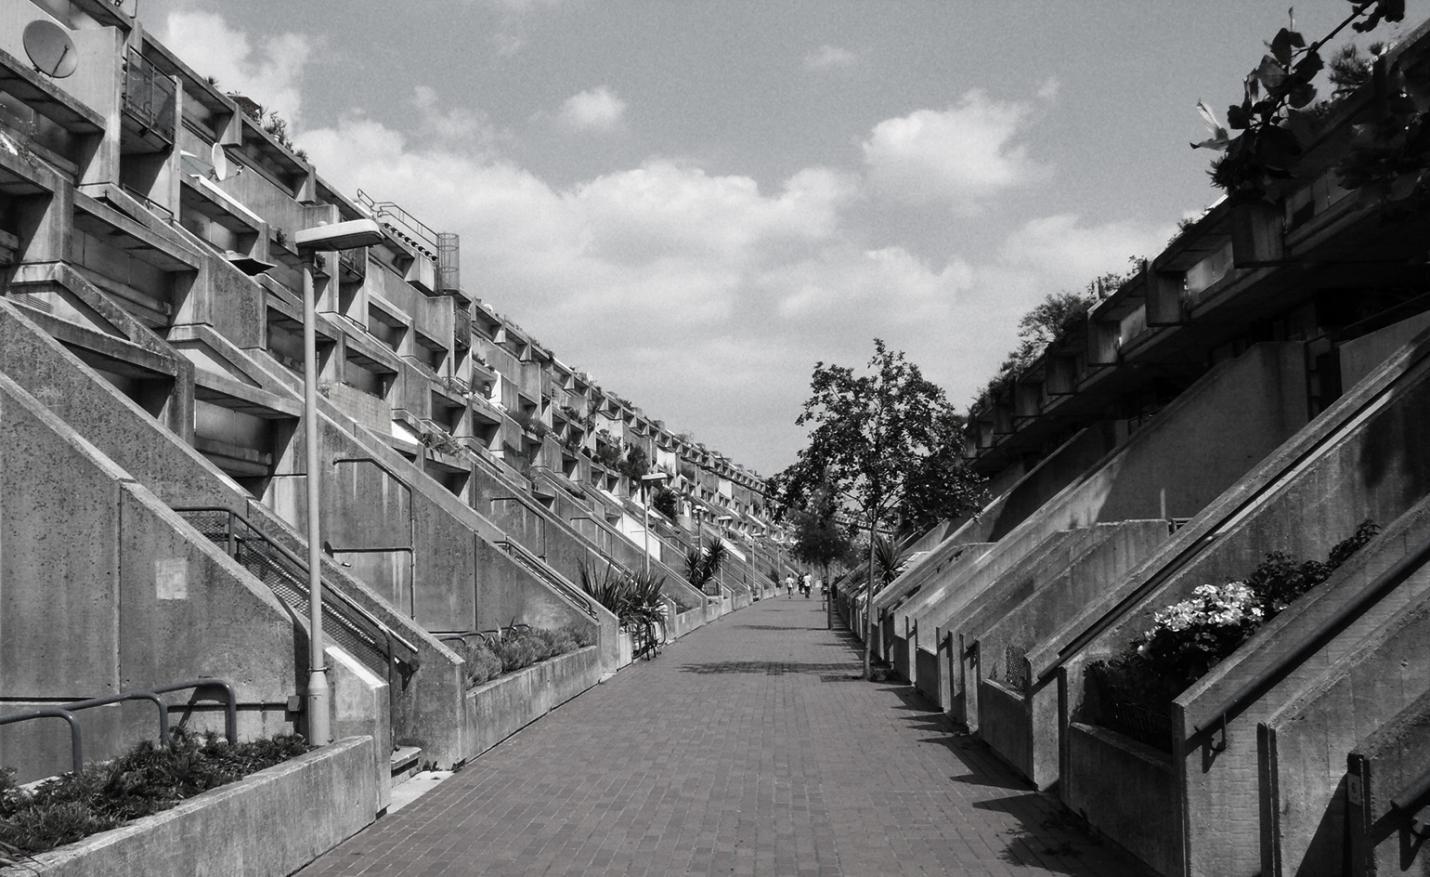 亚历山大路新村(1968年)不光是矮收好住宅,也是野蛮主义的尝试